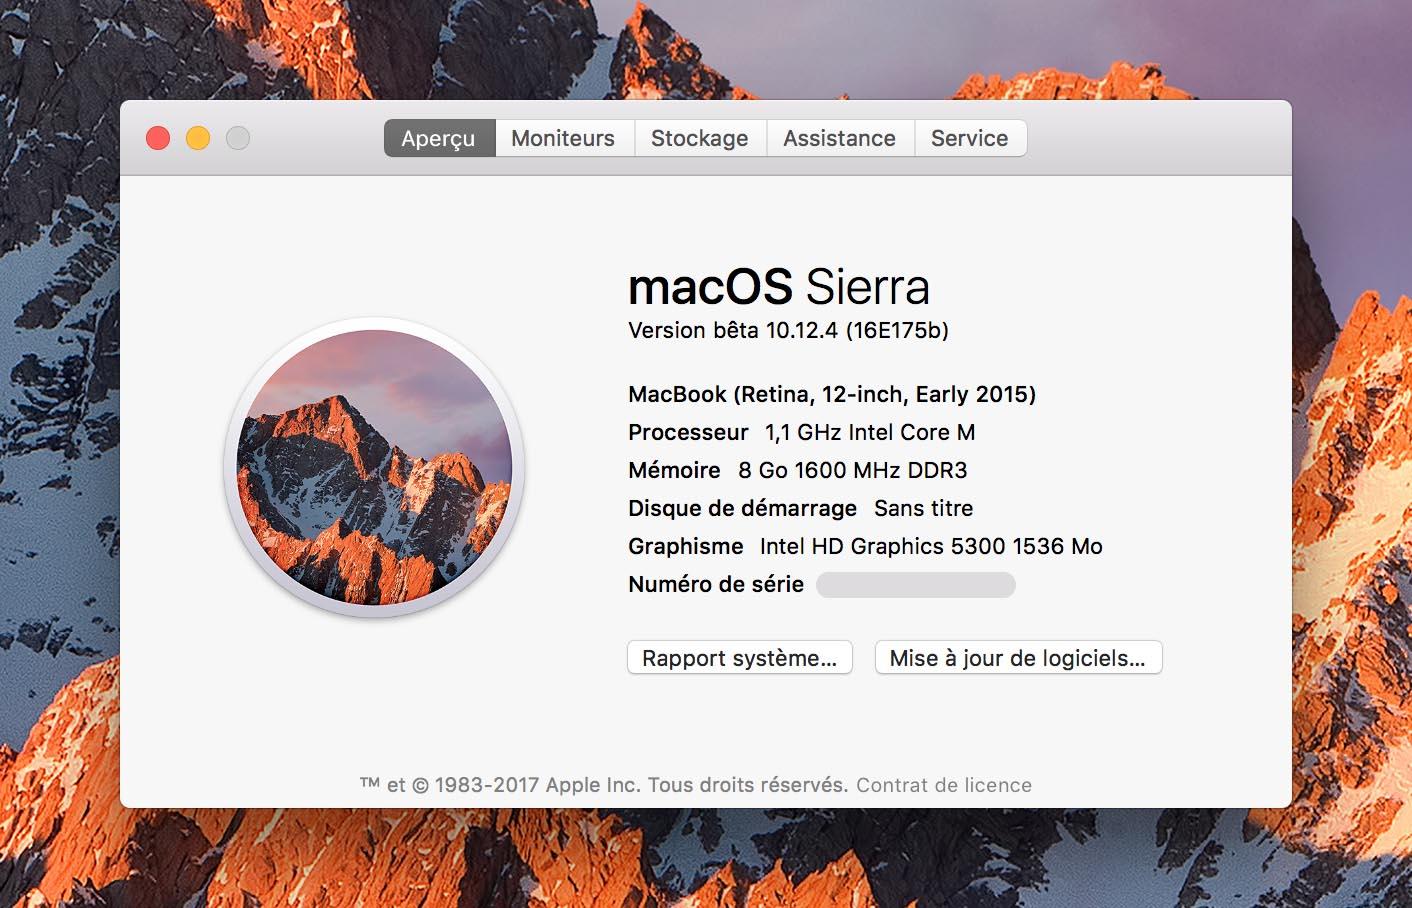 macOS Sierra 10.12.4 Beta 4